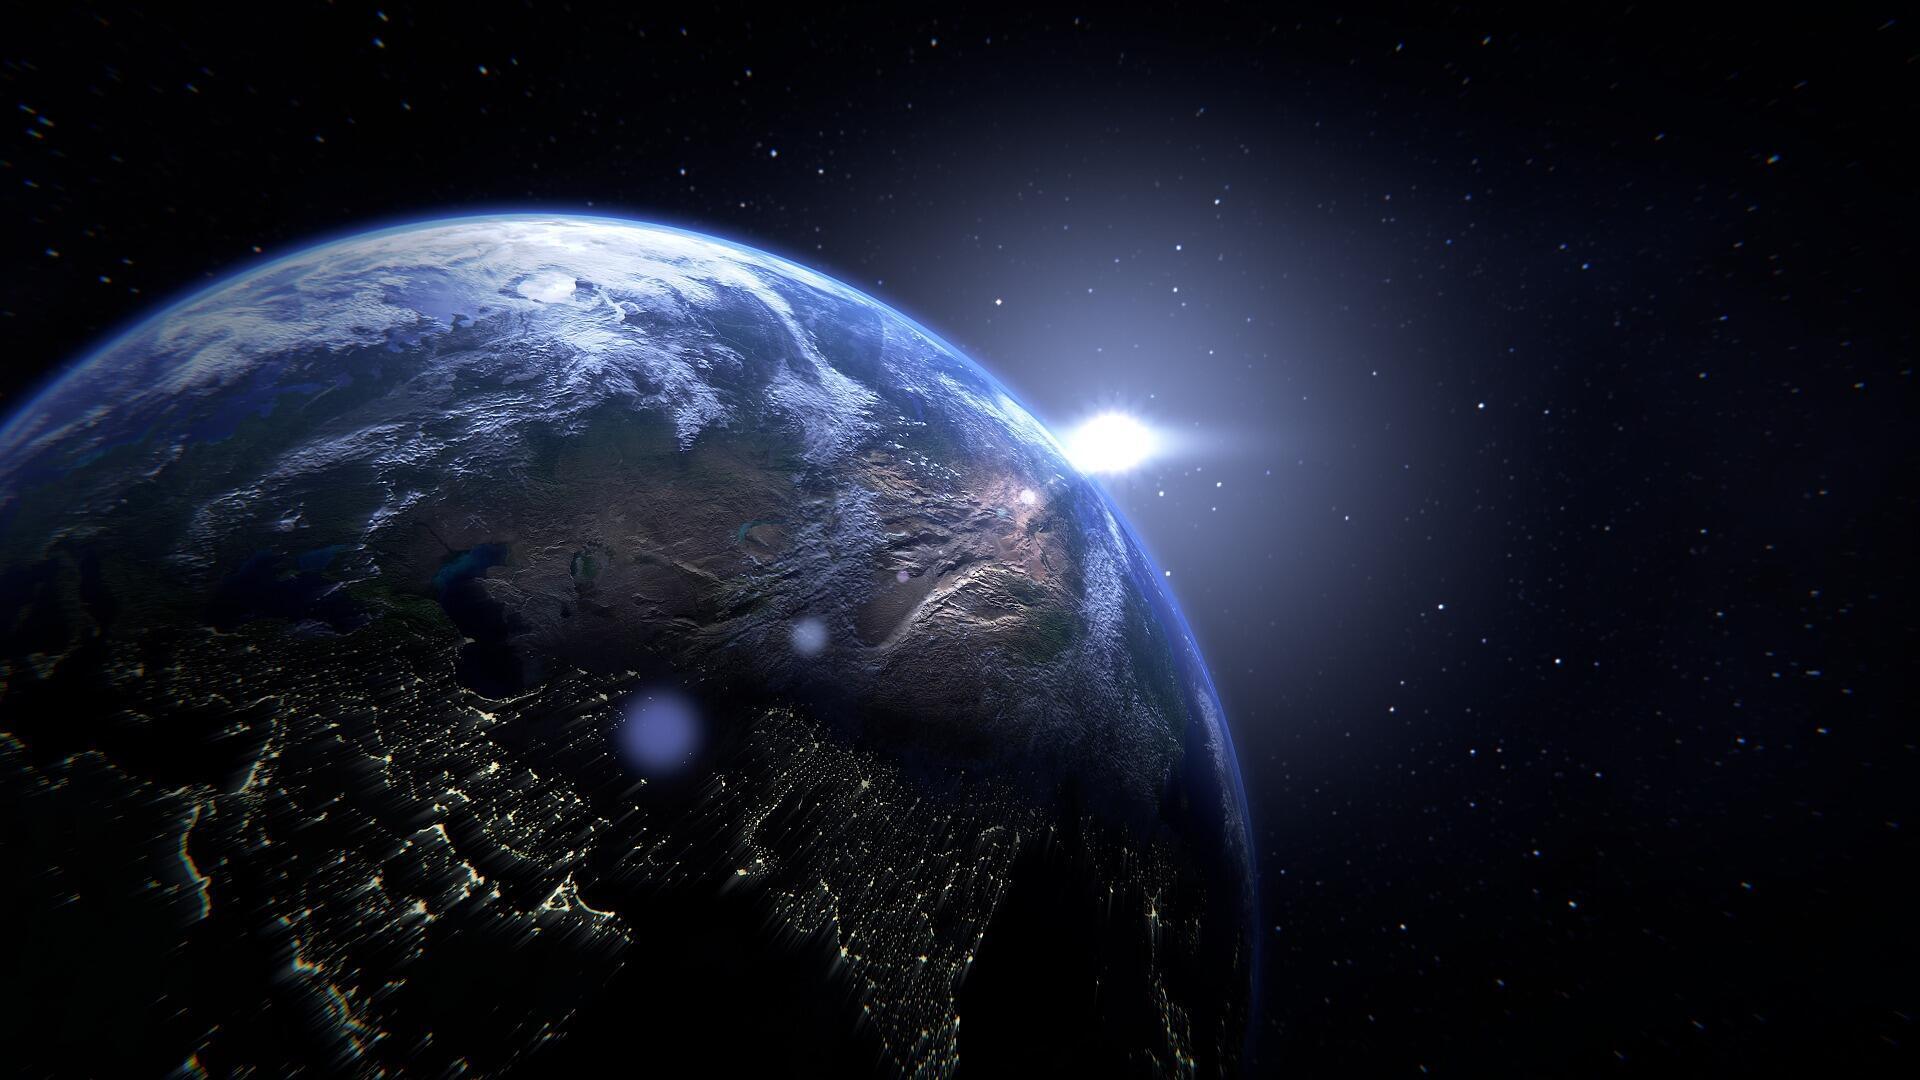 Vue satellite de la Terre (image d'illustration).